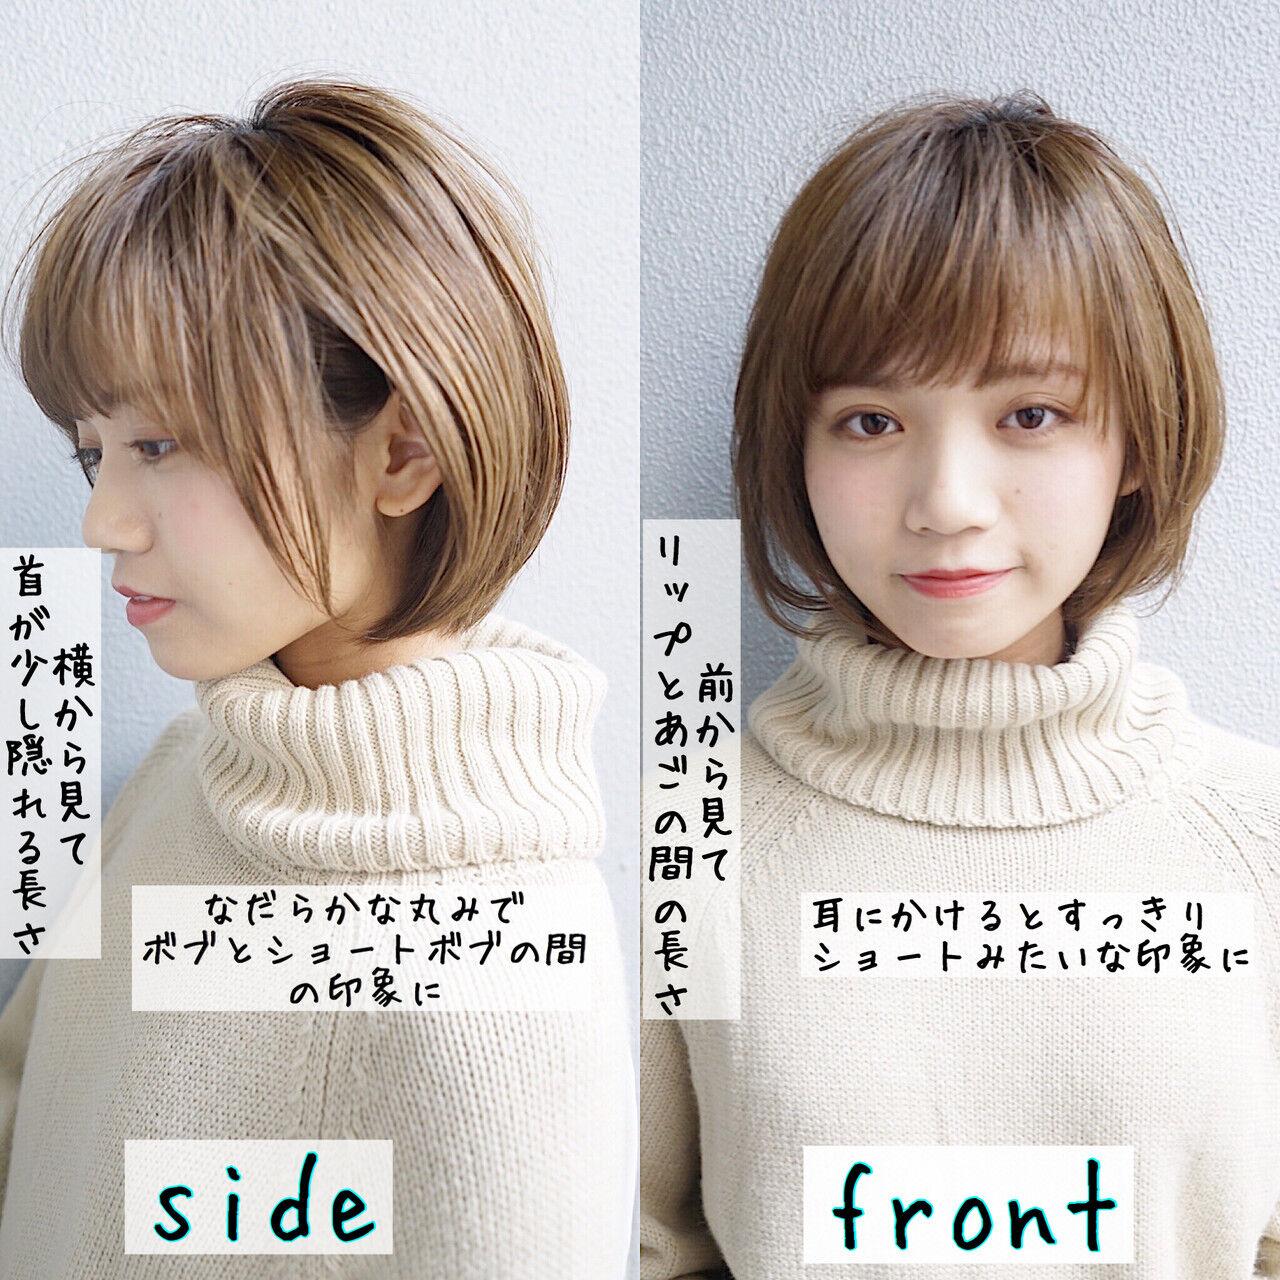 ストレート 縮毛矯正 ナチュラル 銀座美容室ヘアスタイルや髪型の写真・画像